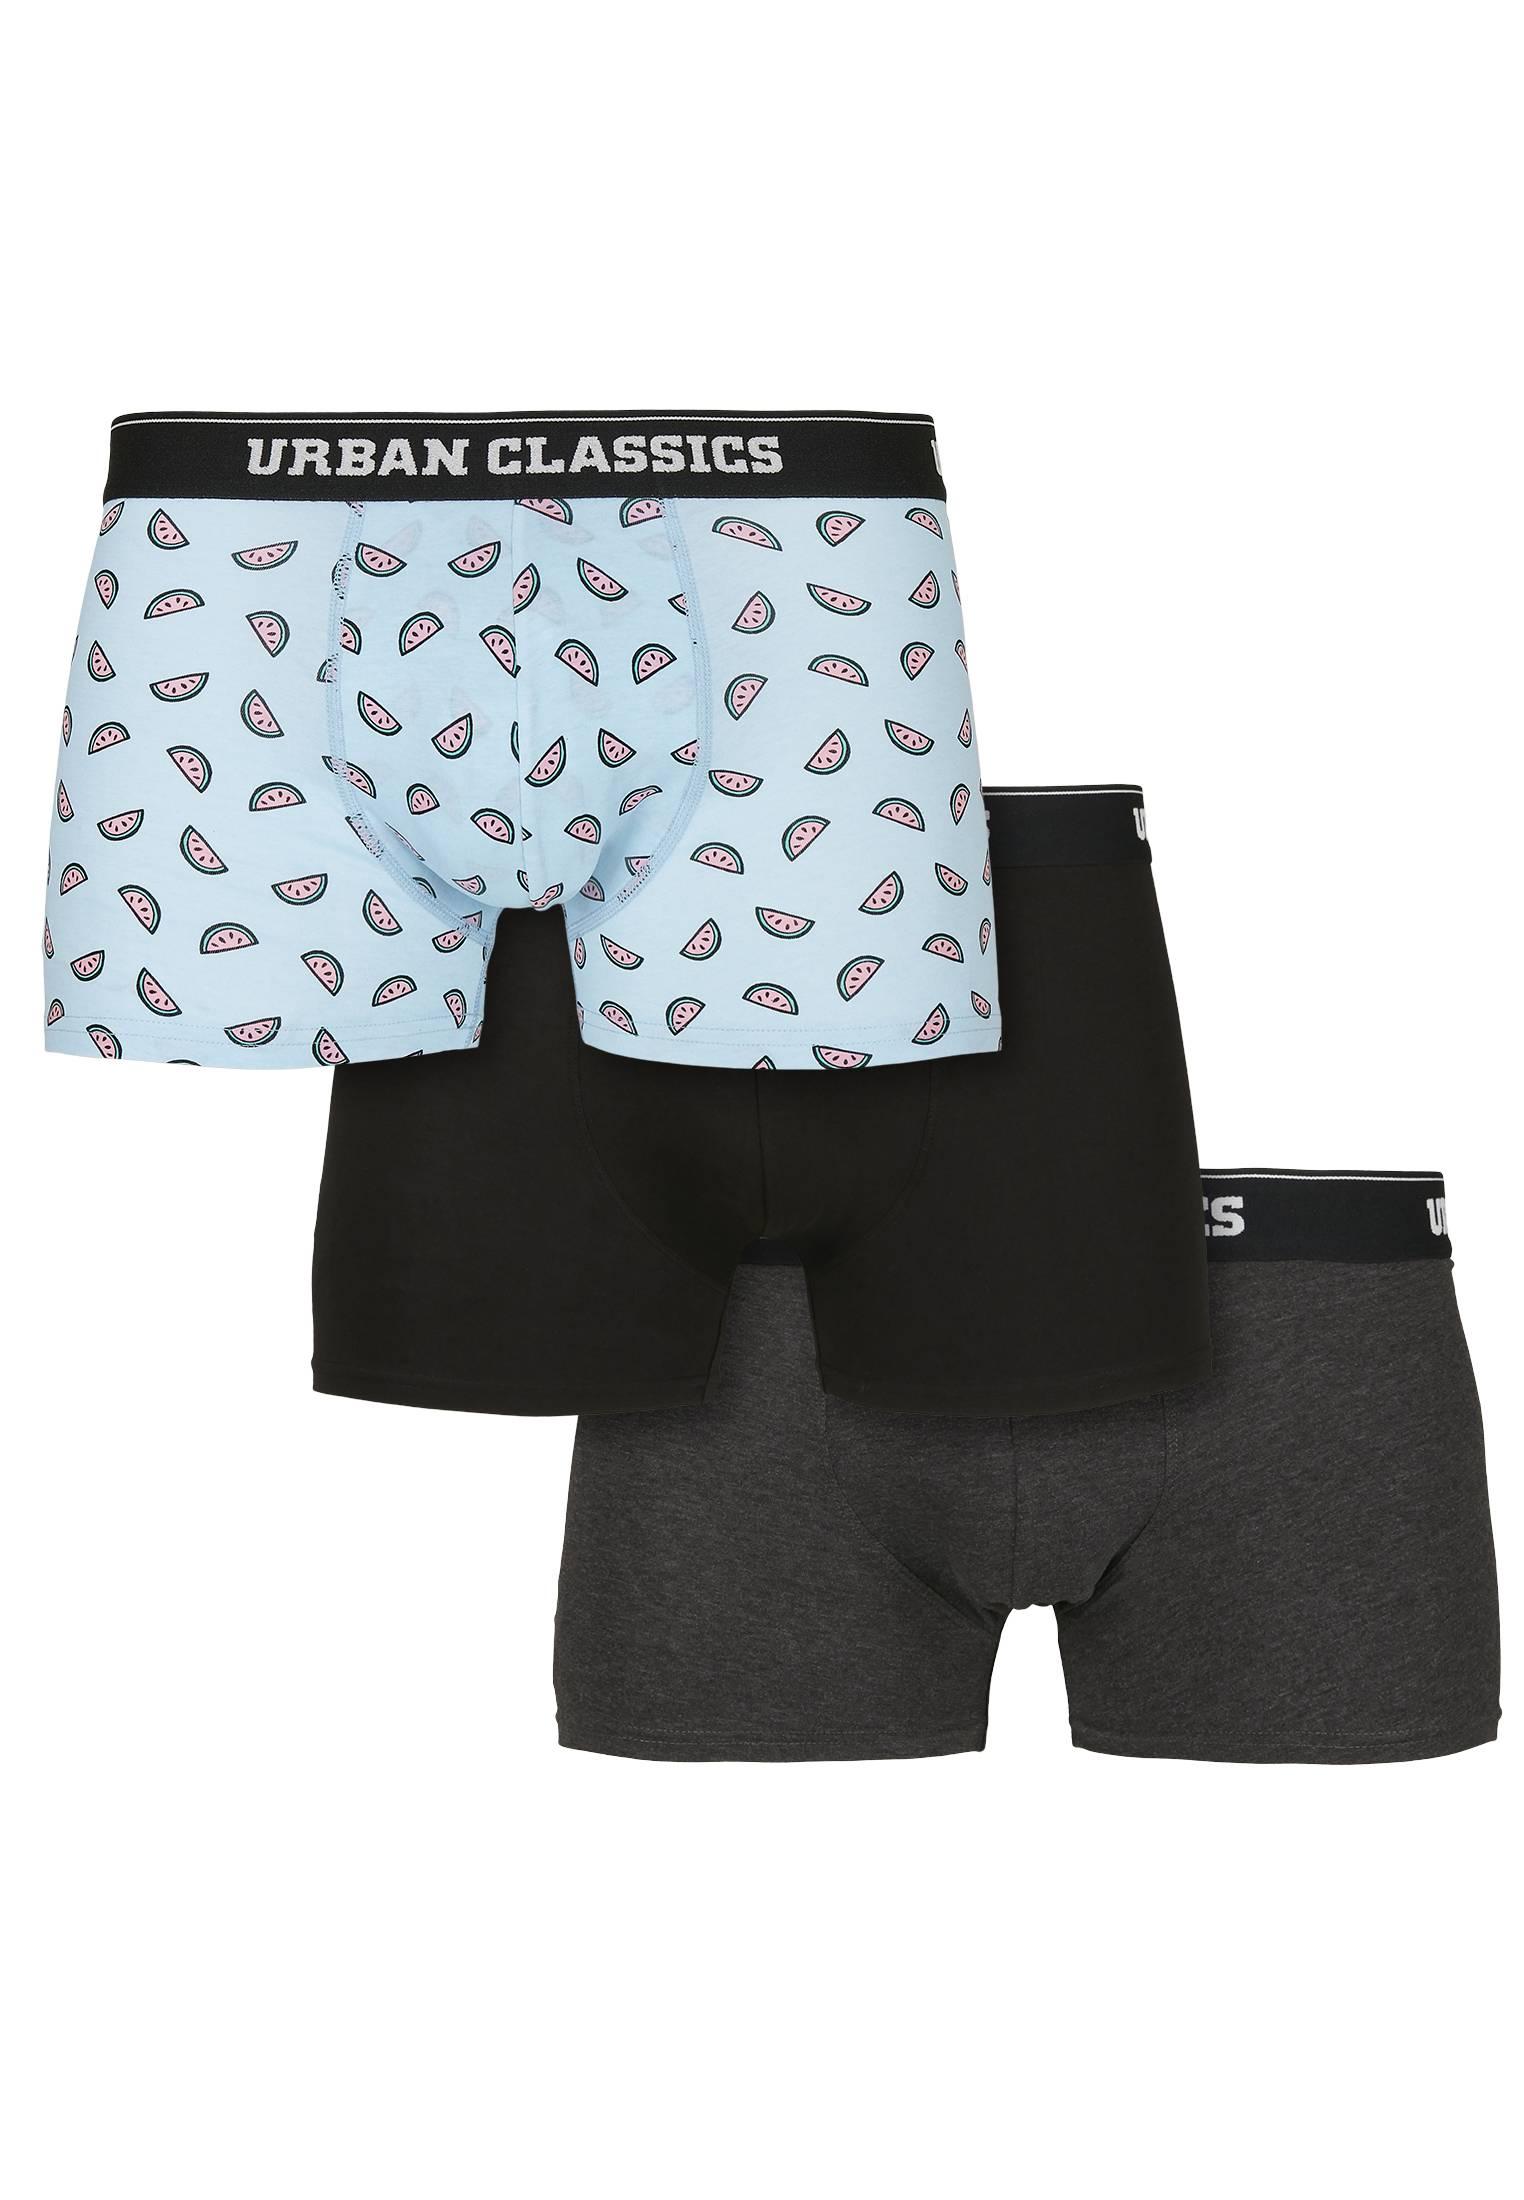 Urban Classics Boxer Shorts 3-Pack melon aop+cha+blk - 4XL